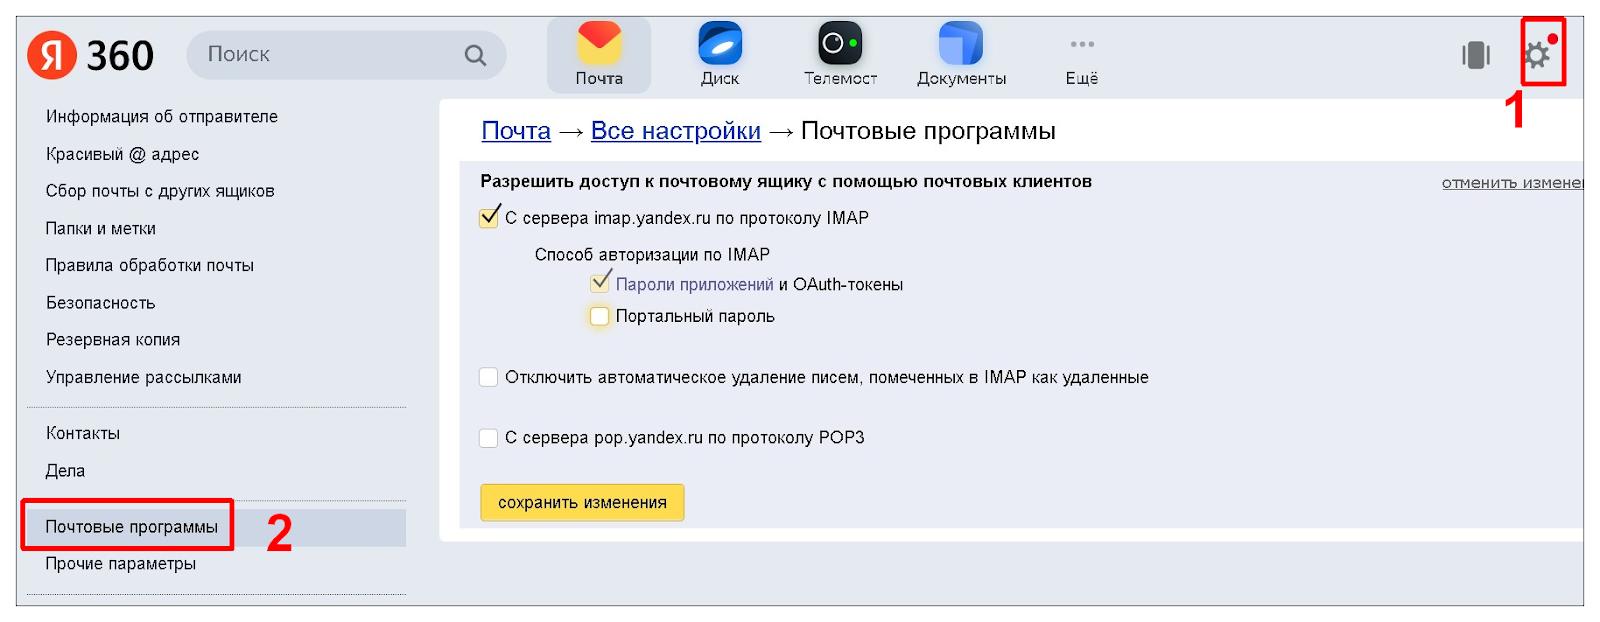 Преднастройки аккаунта Yandex в MS outlook